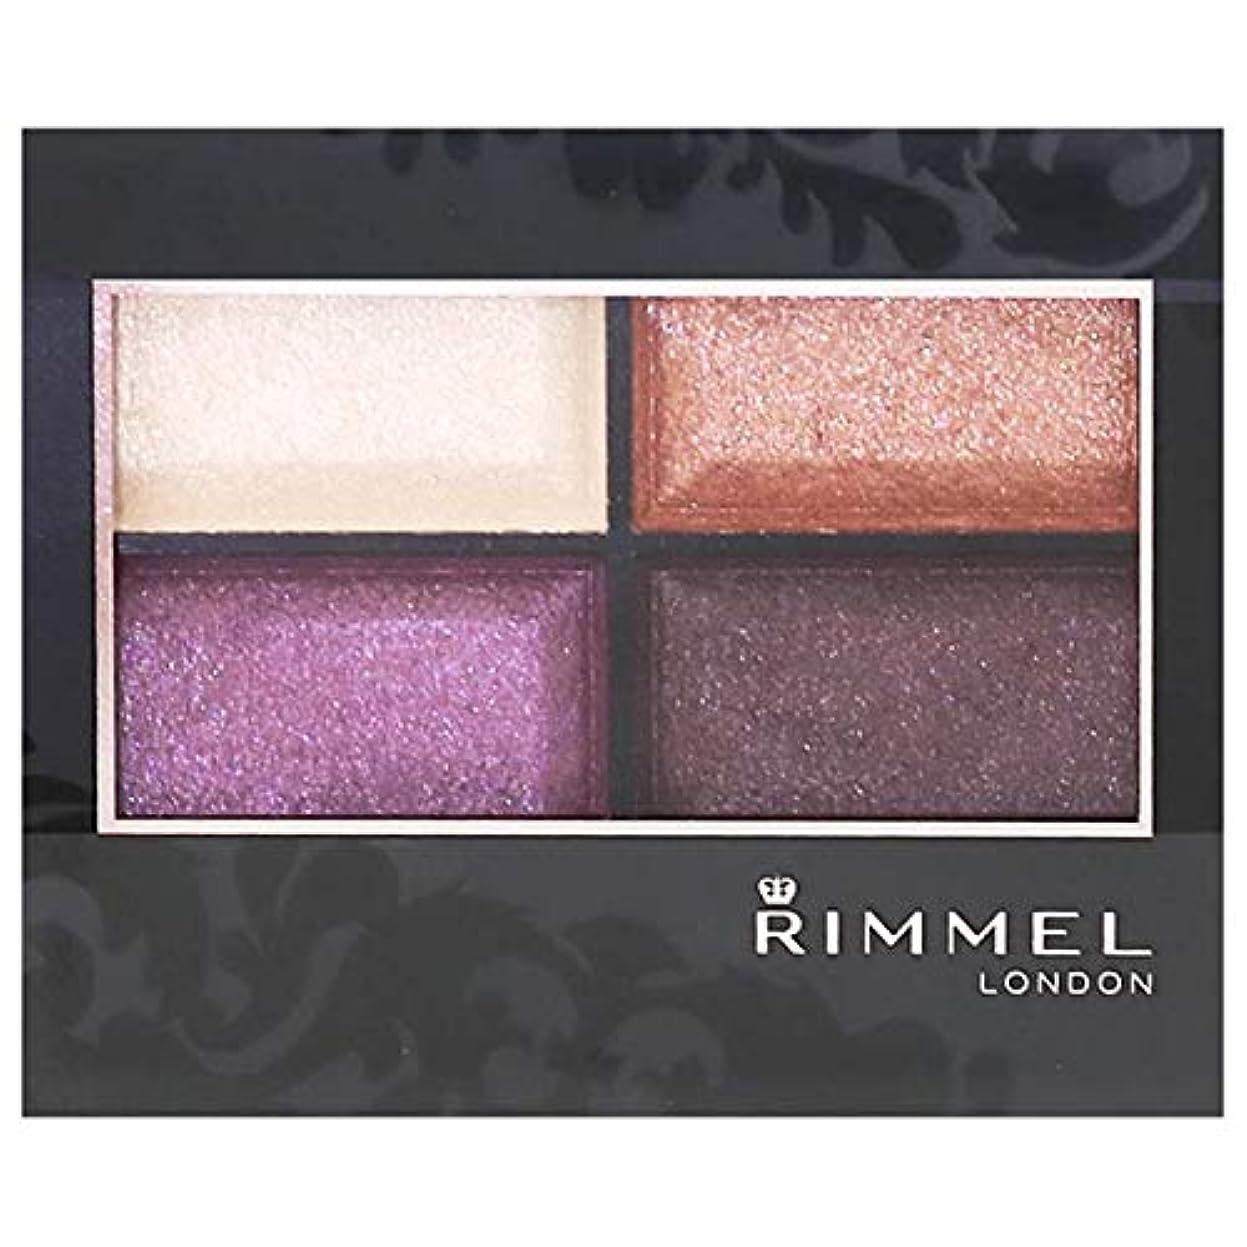 誕生日デイジー圧縮Rimmel (リンメル) リンメル ロイヤルヴィンテージ アイズ 015 スモーキーアメジスト 4.1g アイシャドウ